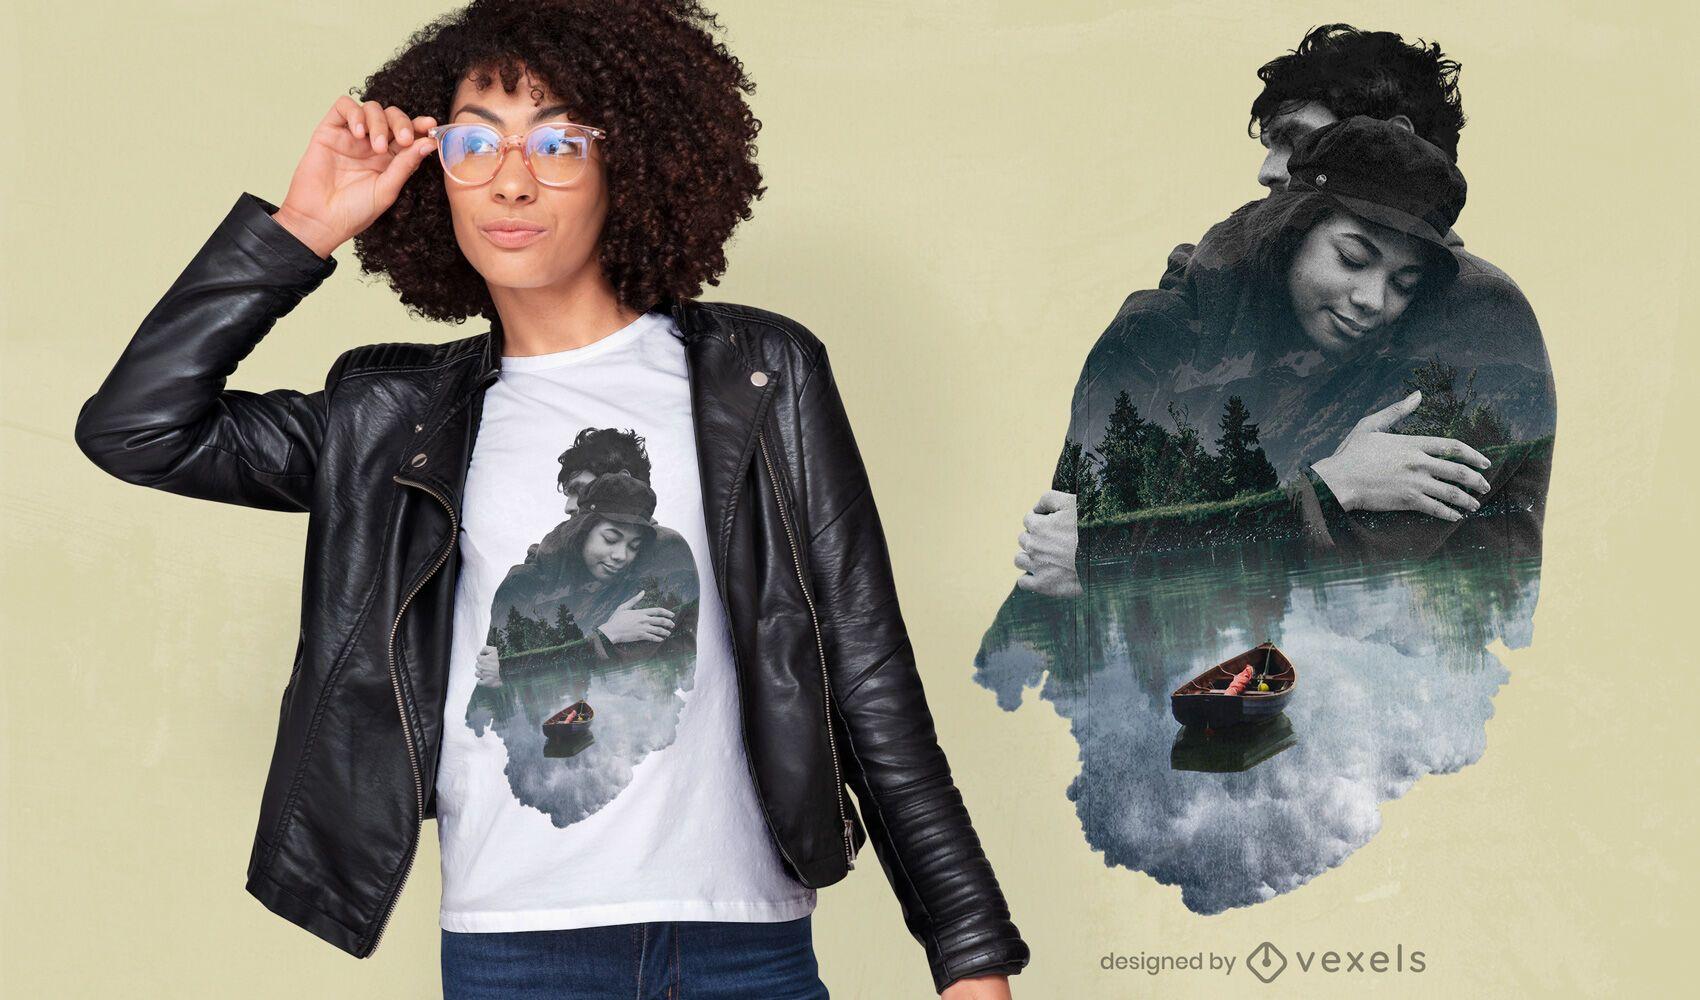 Pareja abrazándose diseño de camiseta PSD de doble exposición.